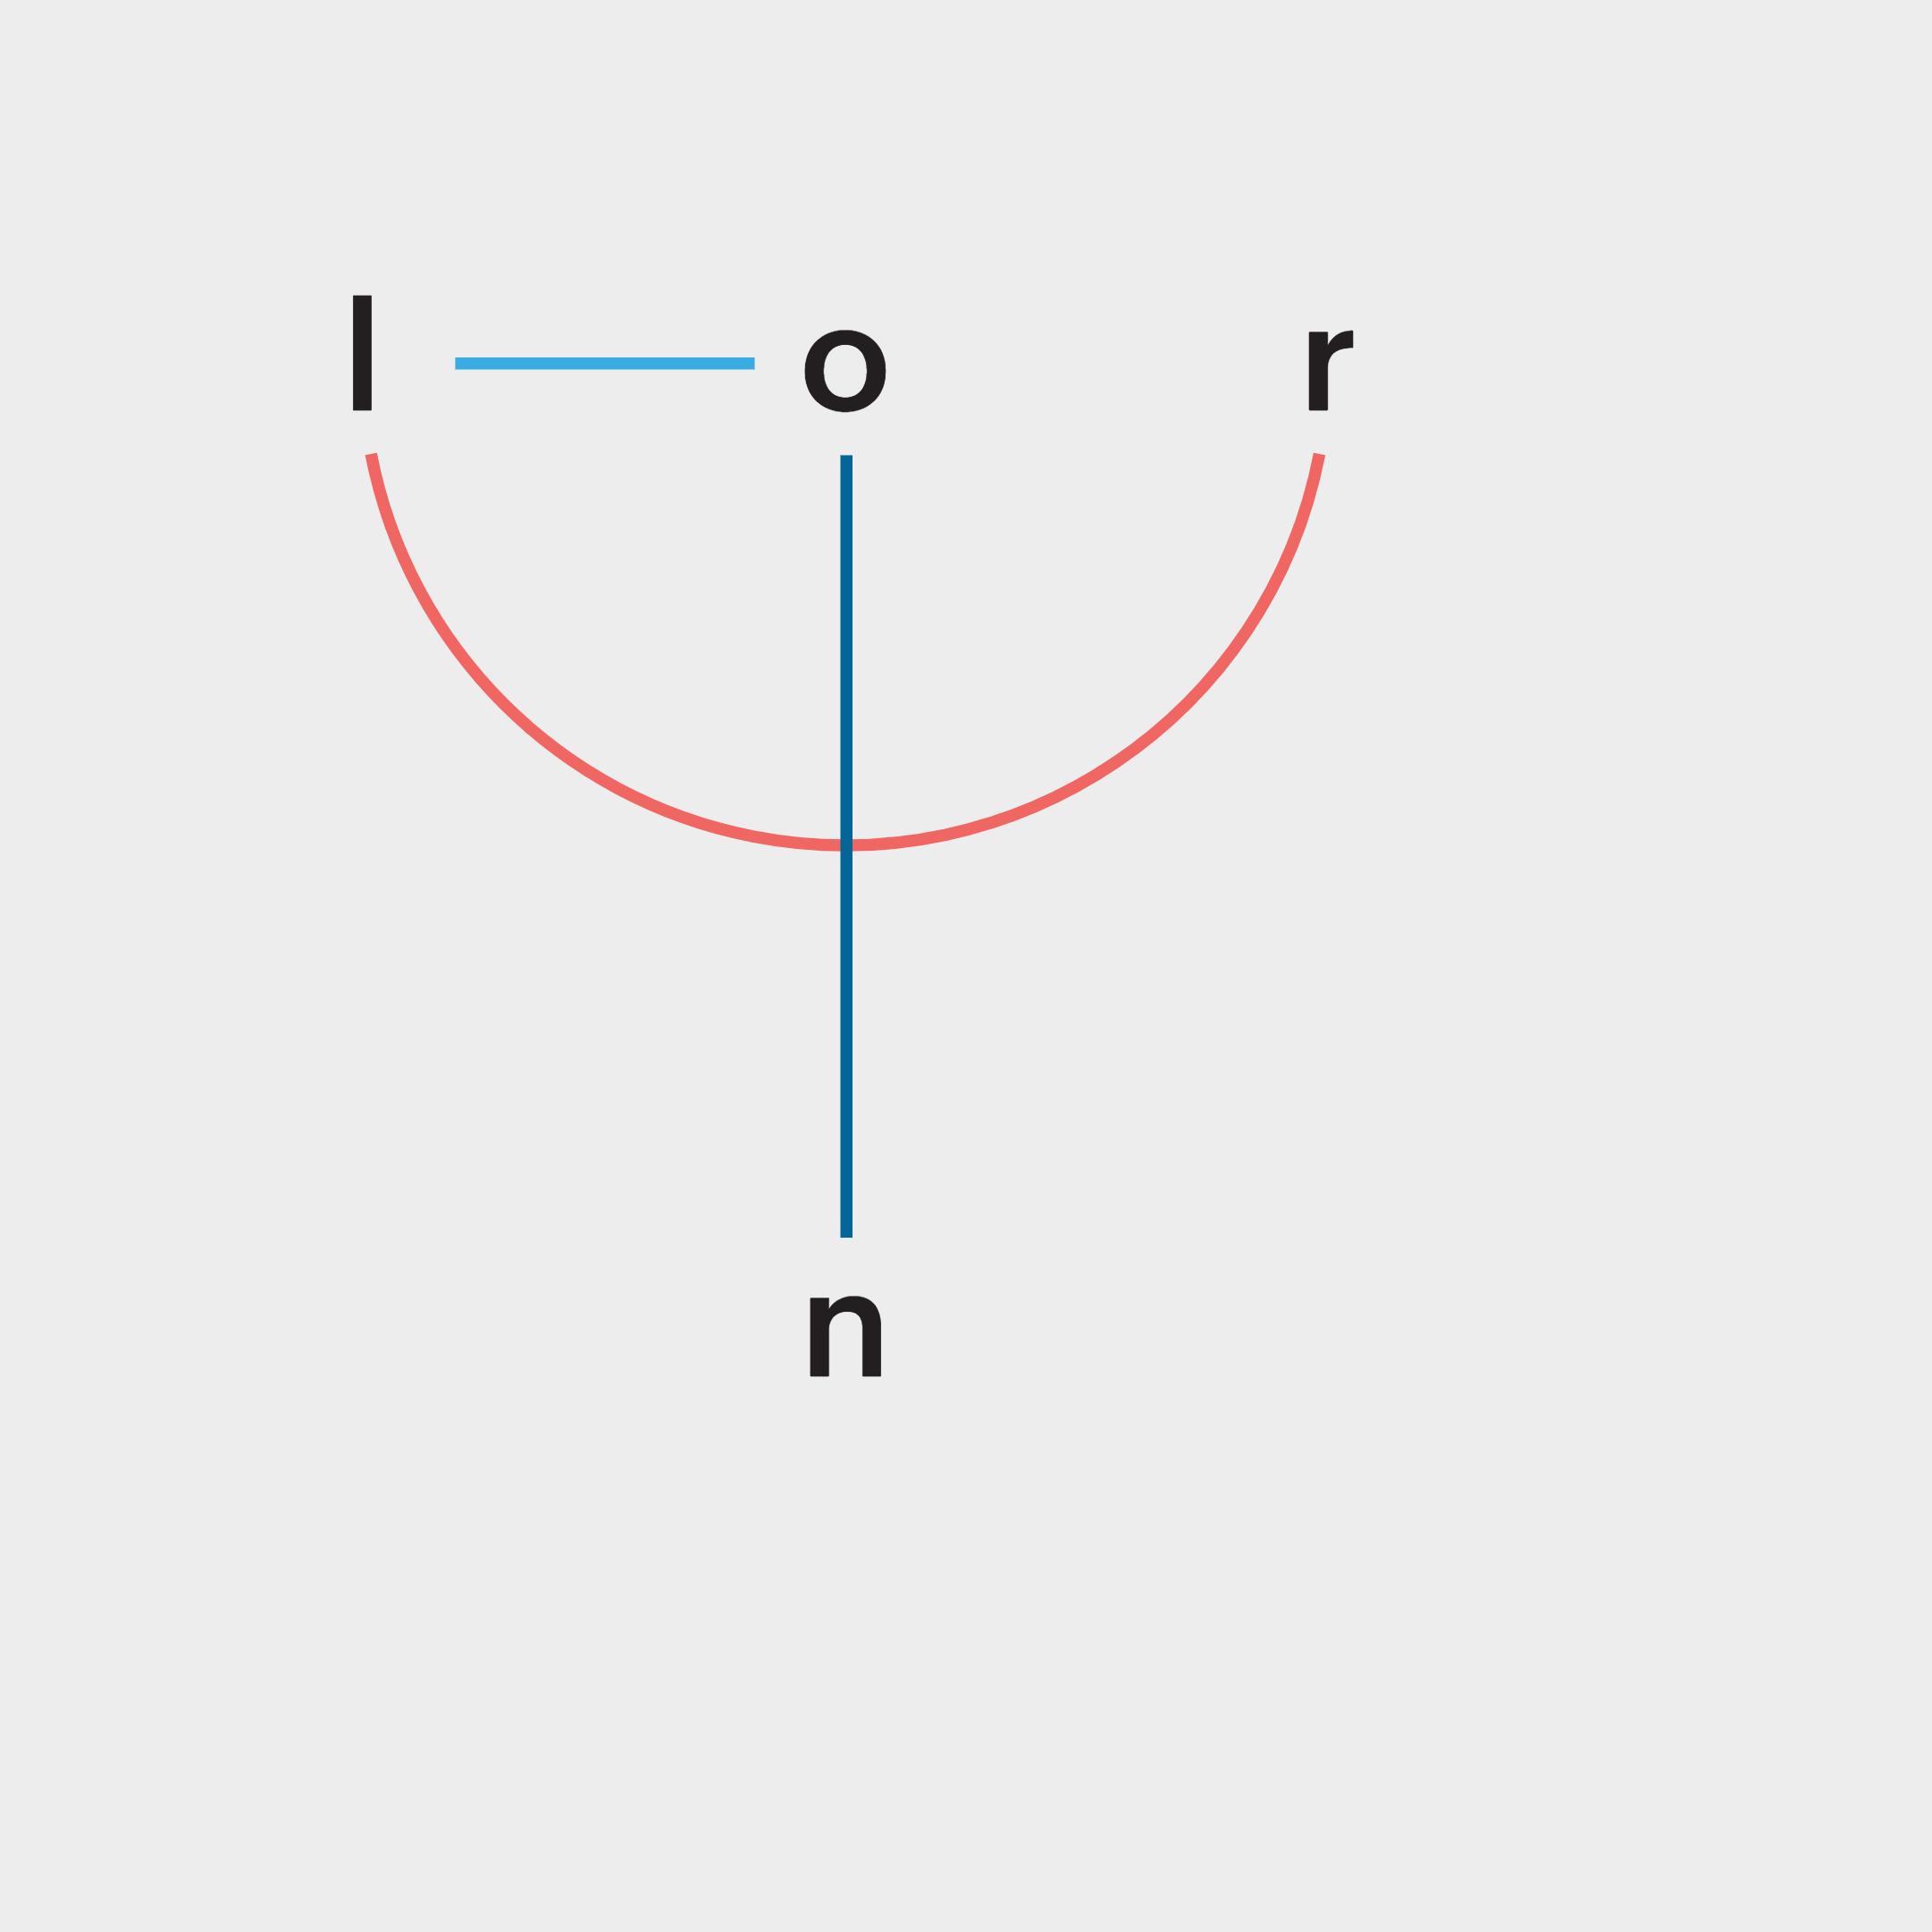 rlon_logo_123522.png